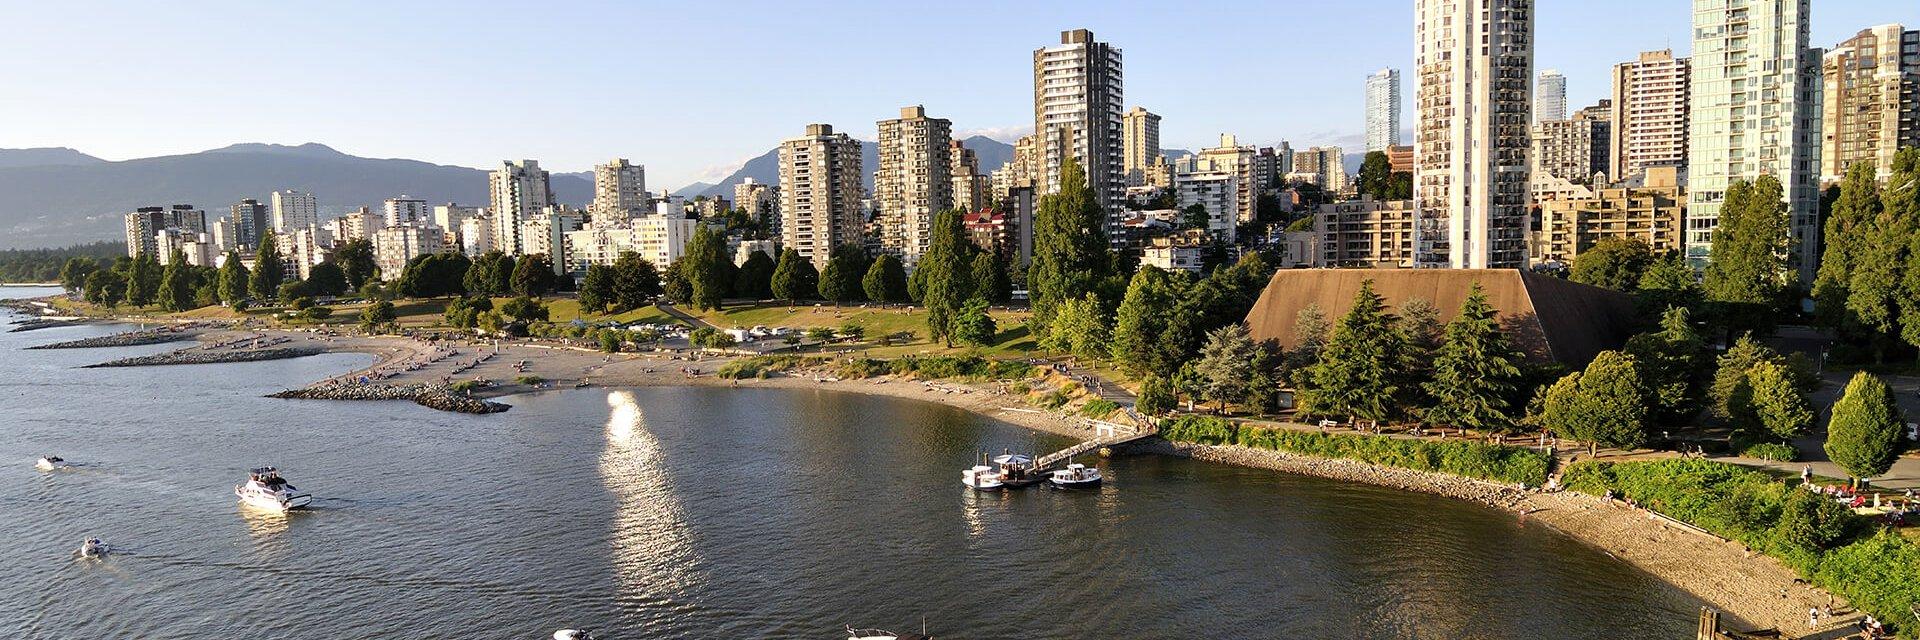 Escapade dans l'Ouest canadien incluant Seattle